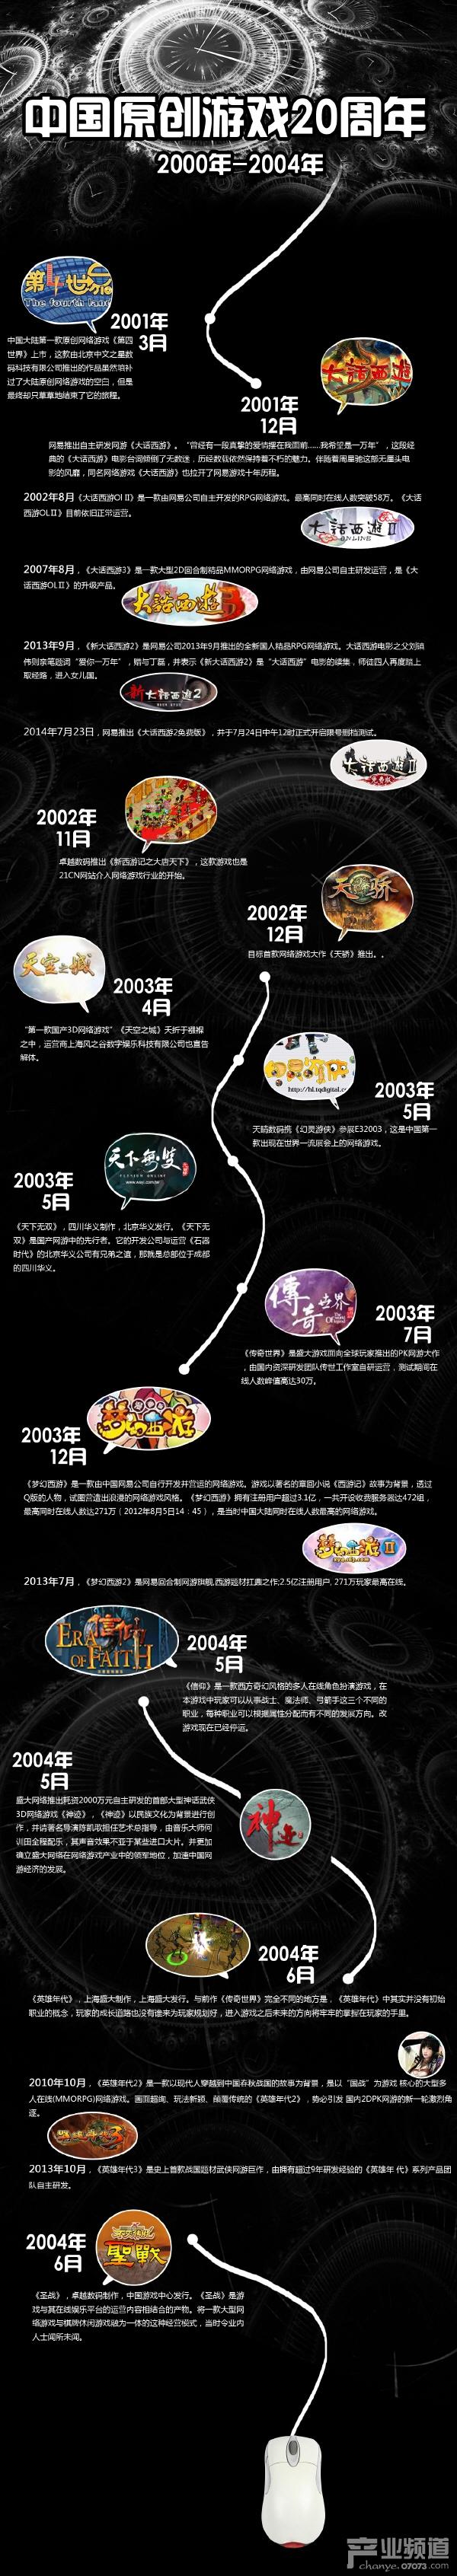 中国原创游戏20周年回顾(2000---2004)